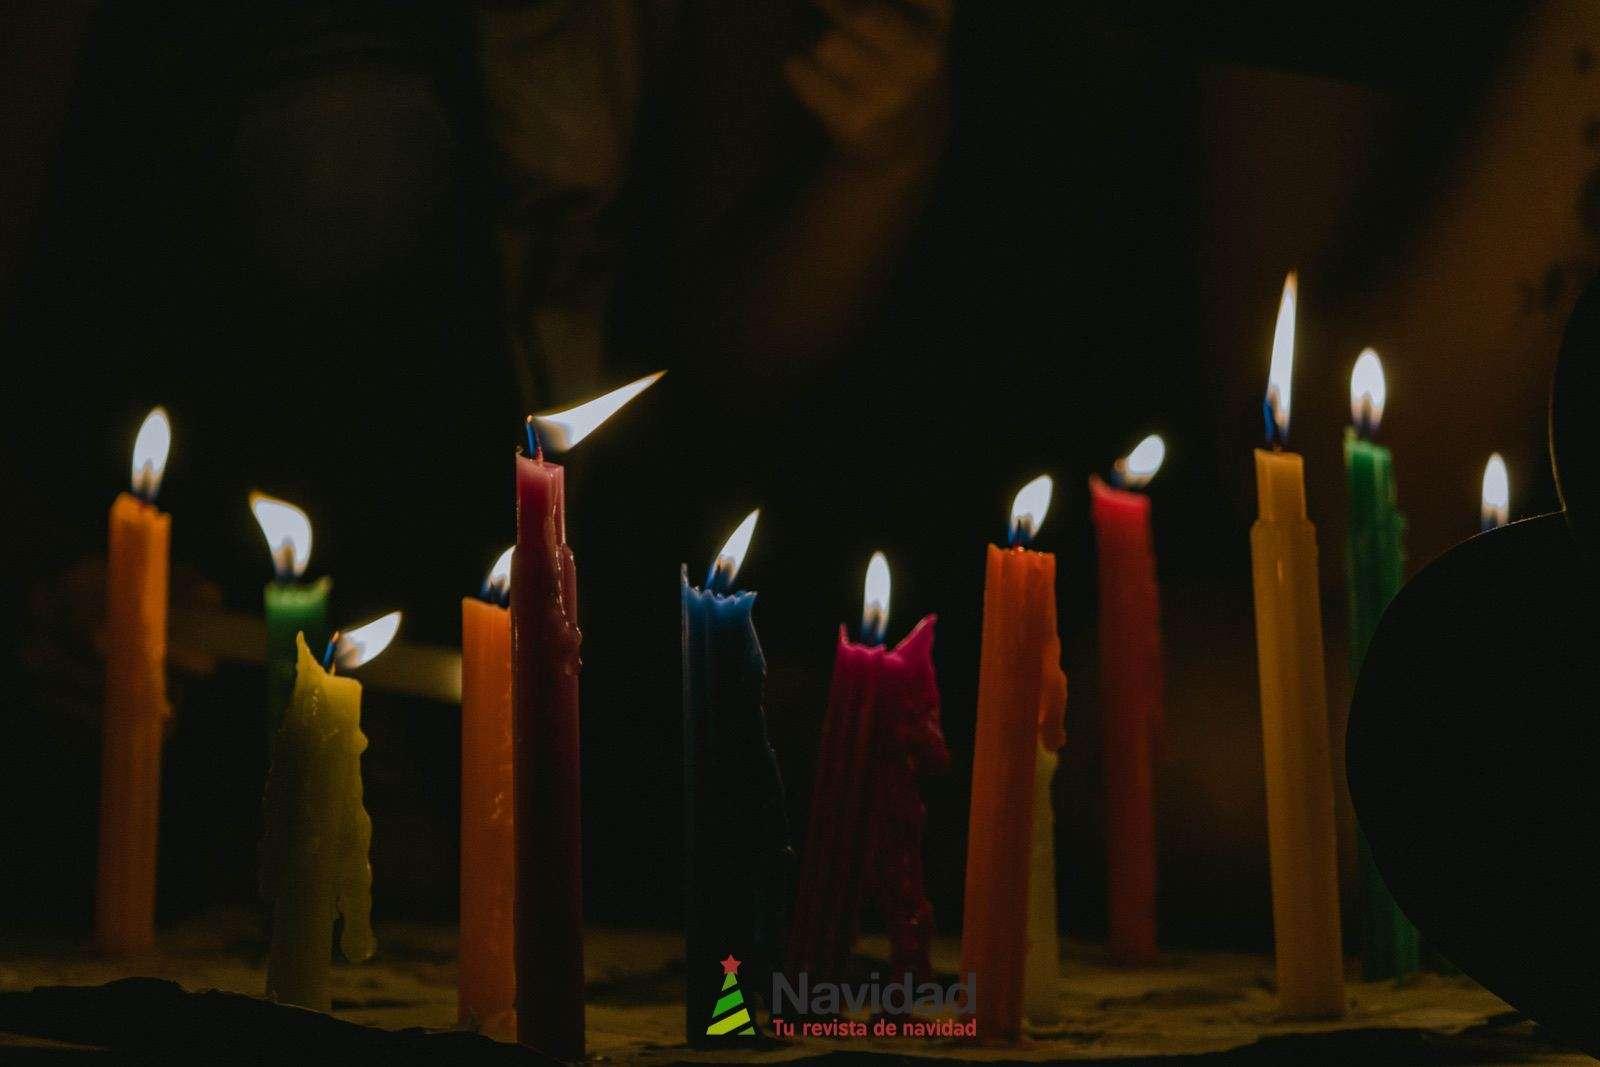 Chimeneas de Navidad para decorar y dar calor en fiestas 59